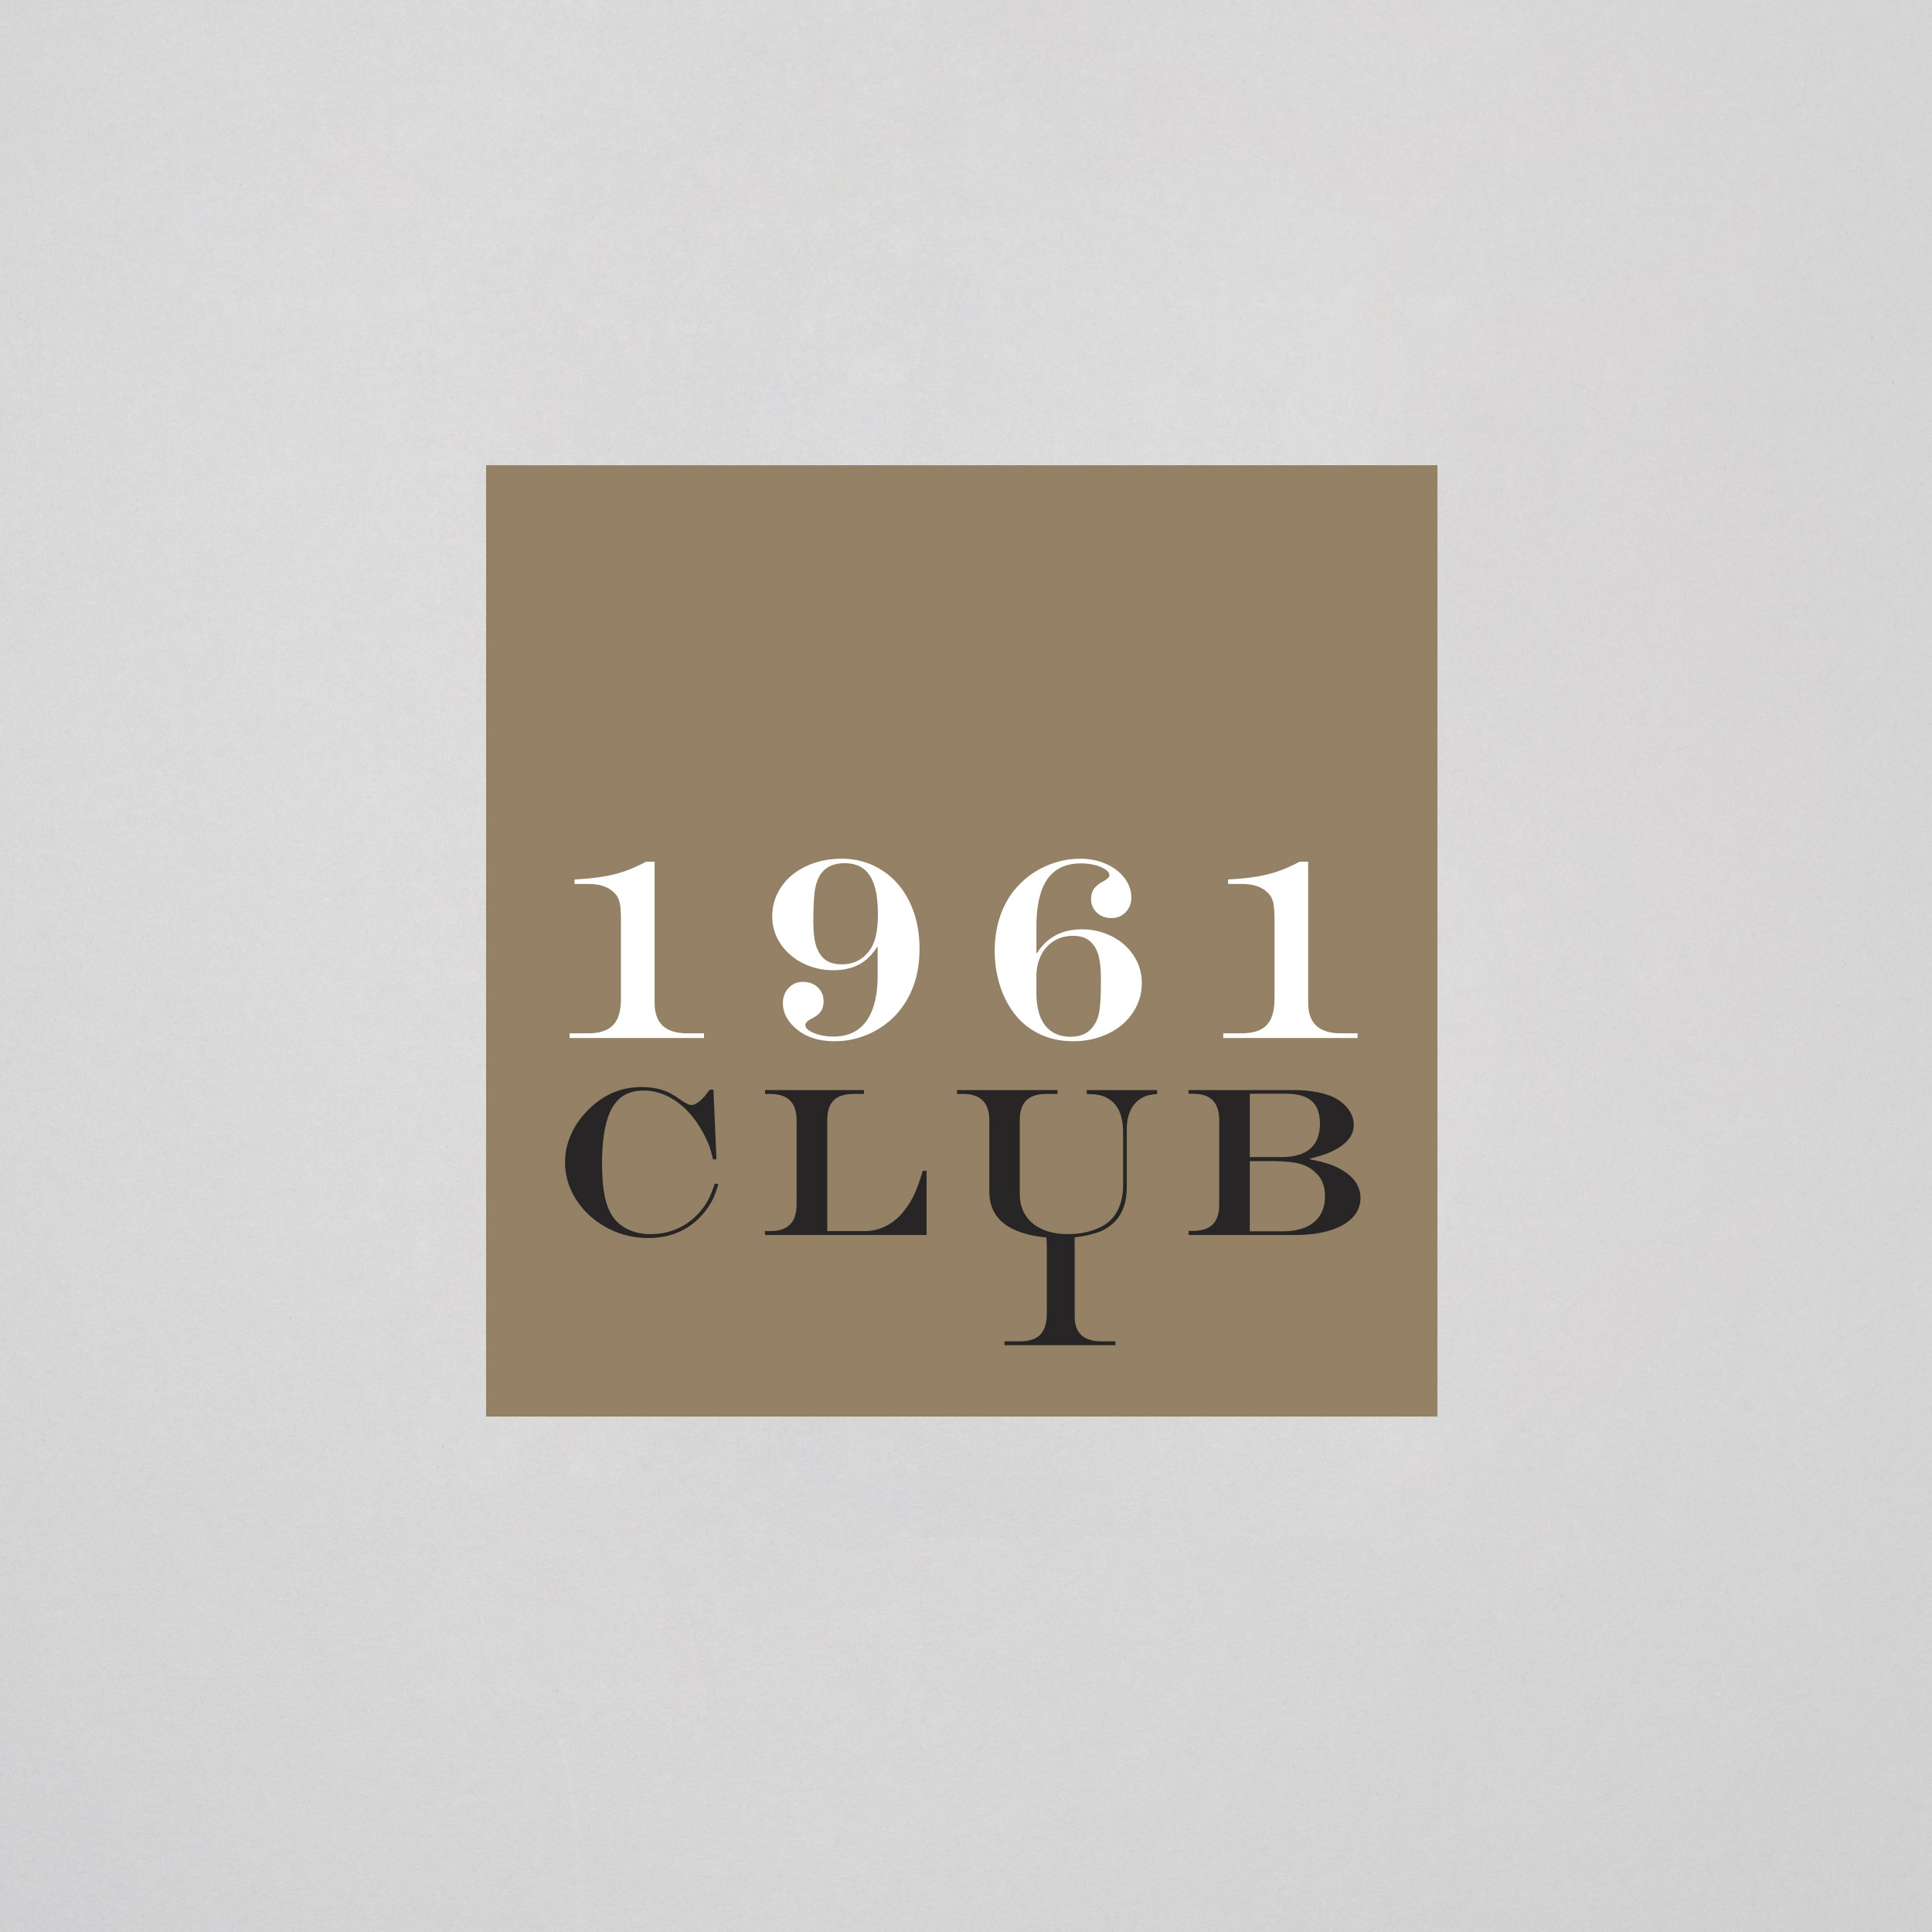 1961Club.logo.jpg